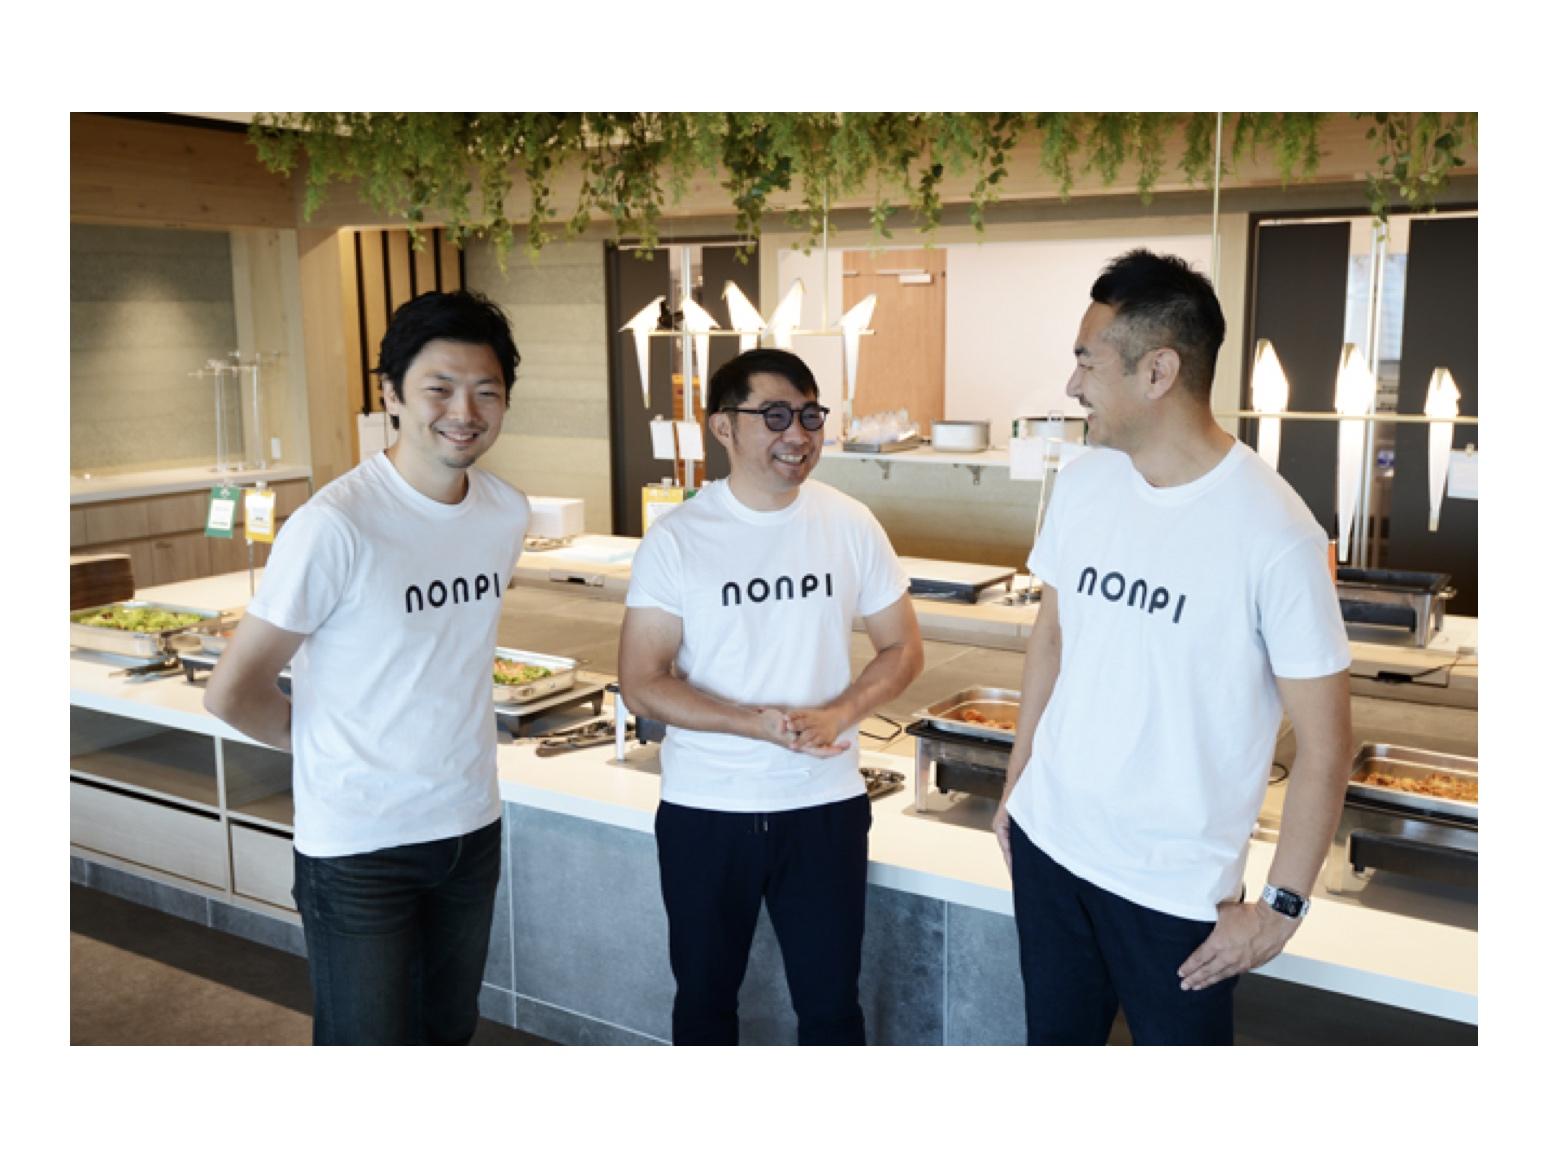 遊休資産の社員食堂をシェアリングエコノミーで収益化する「ランチケータリング」を開始したノンピ、約2億円の資金調達